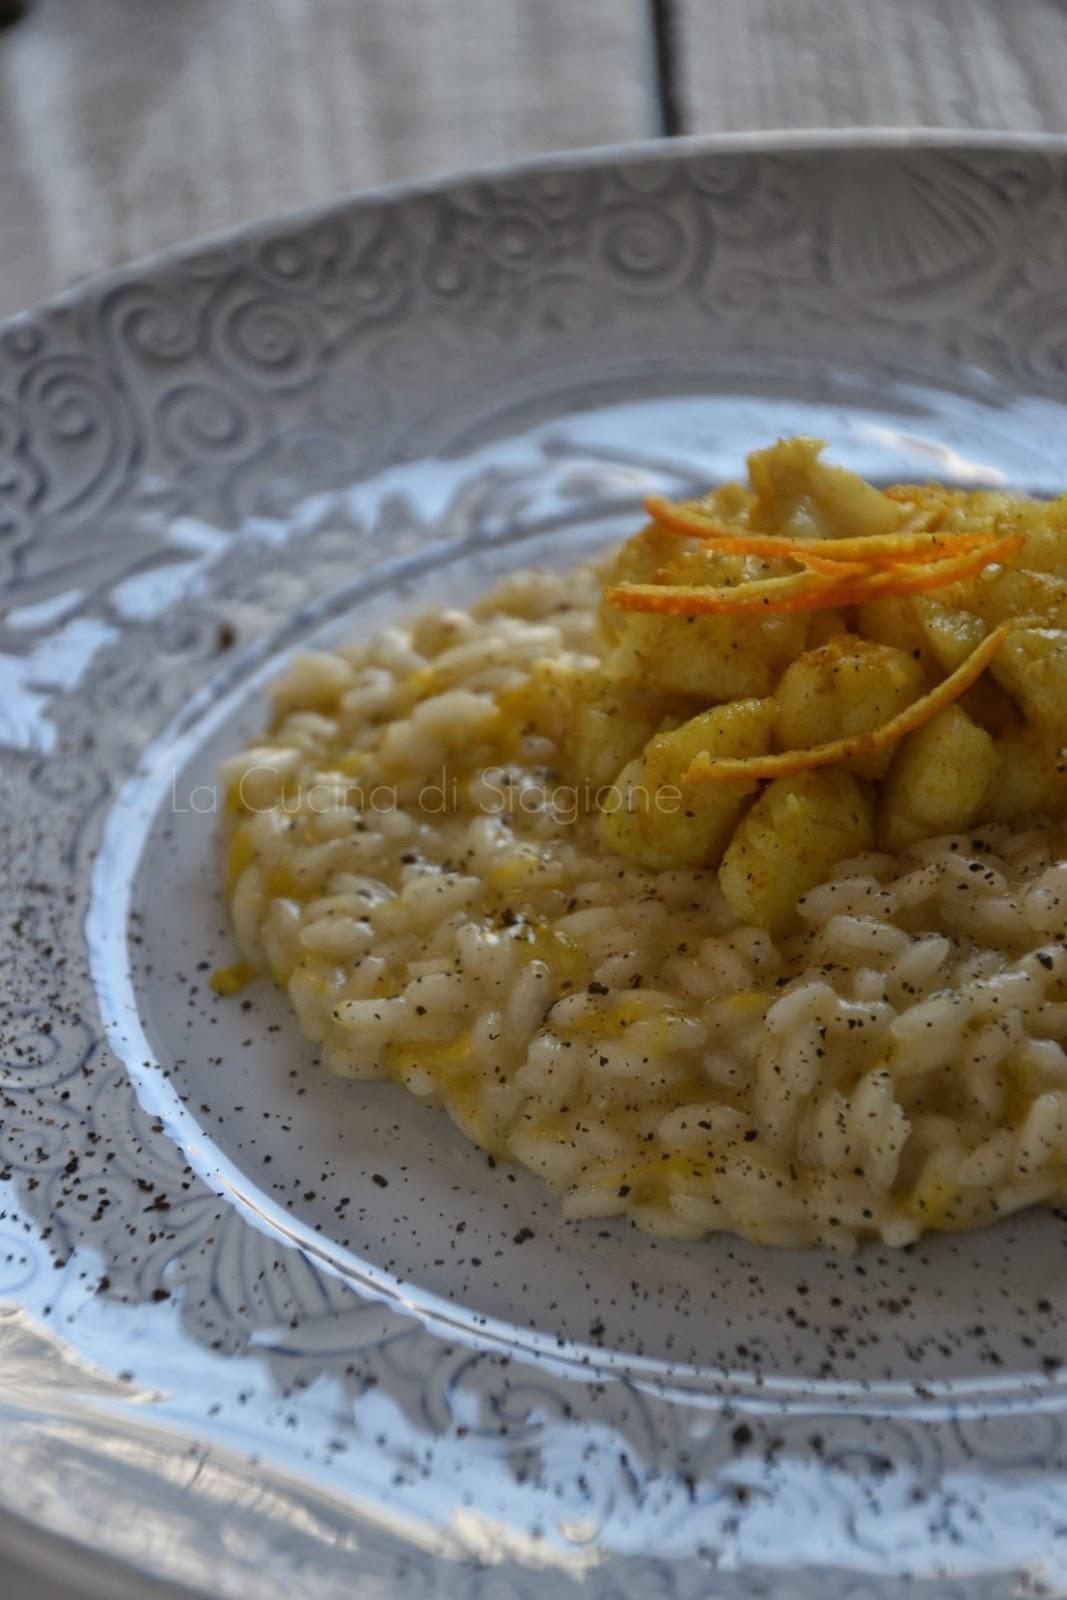 La Cucina di Stagione: Risotto agli agrumi, polvere di capperi e ...